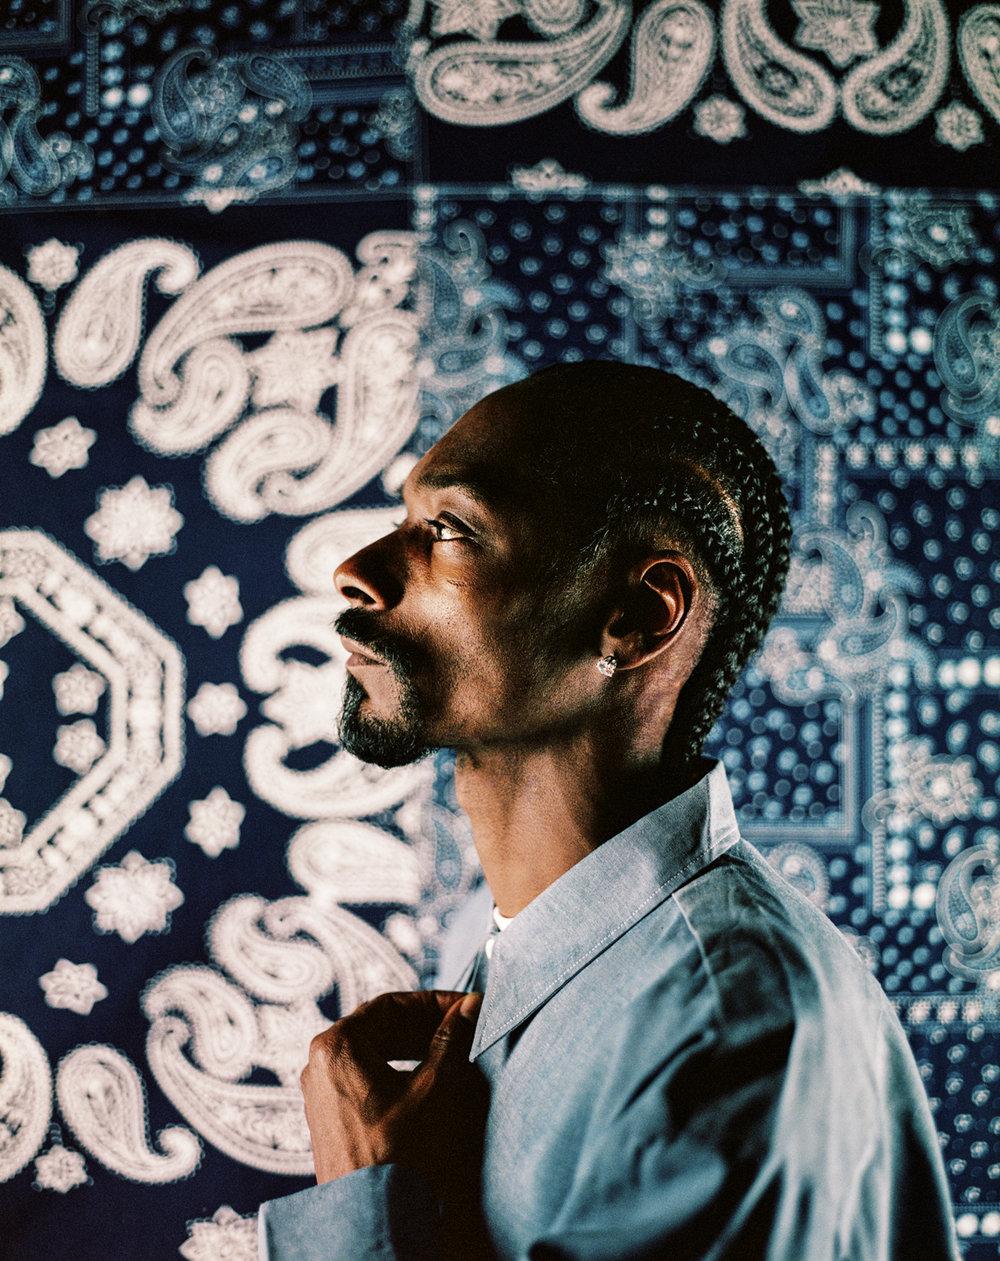 WEB06-08_Snoop-87172-B4_10-FINAL.jpg